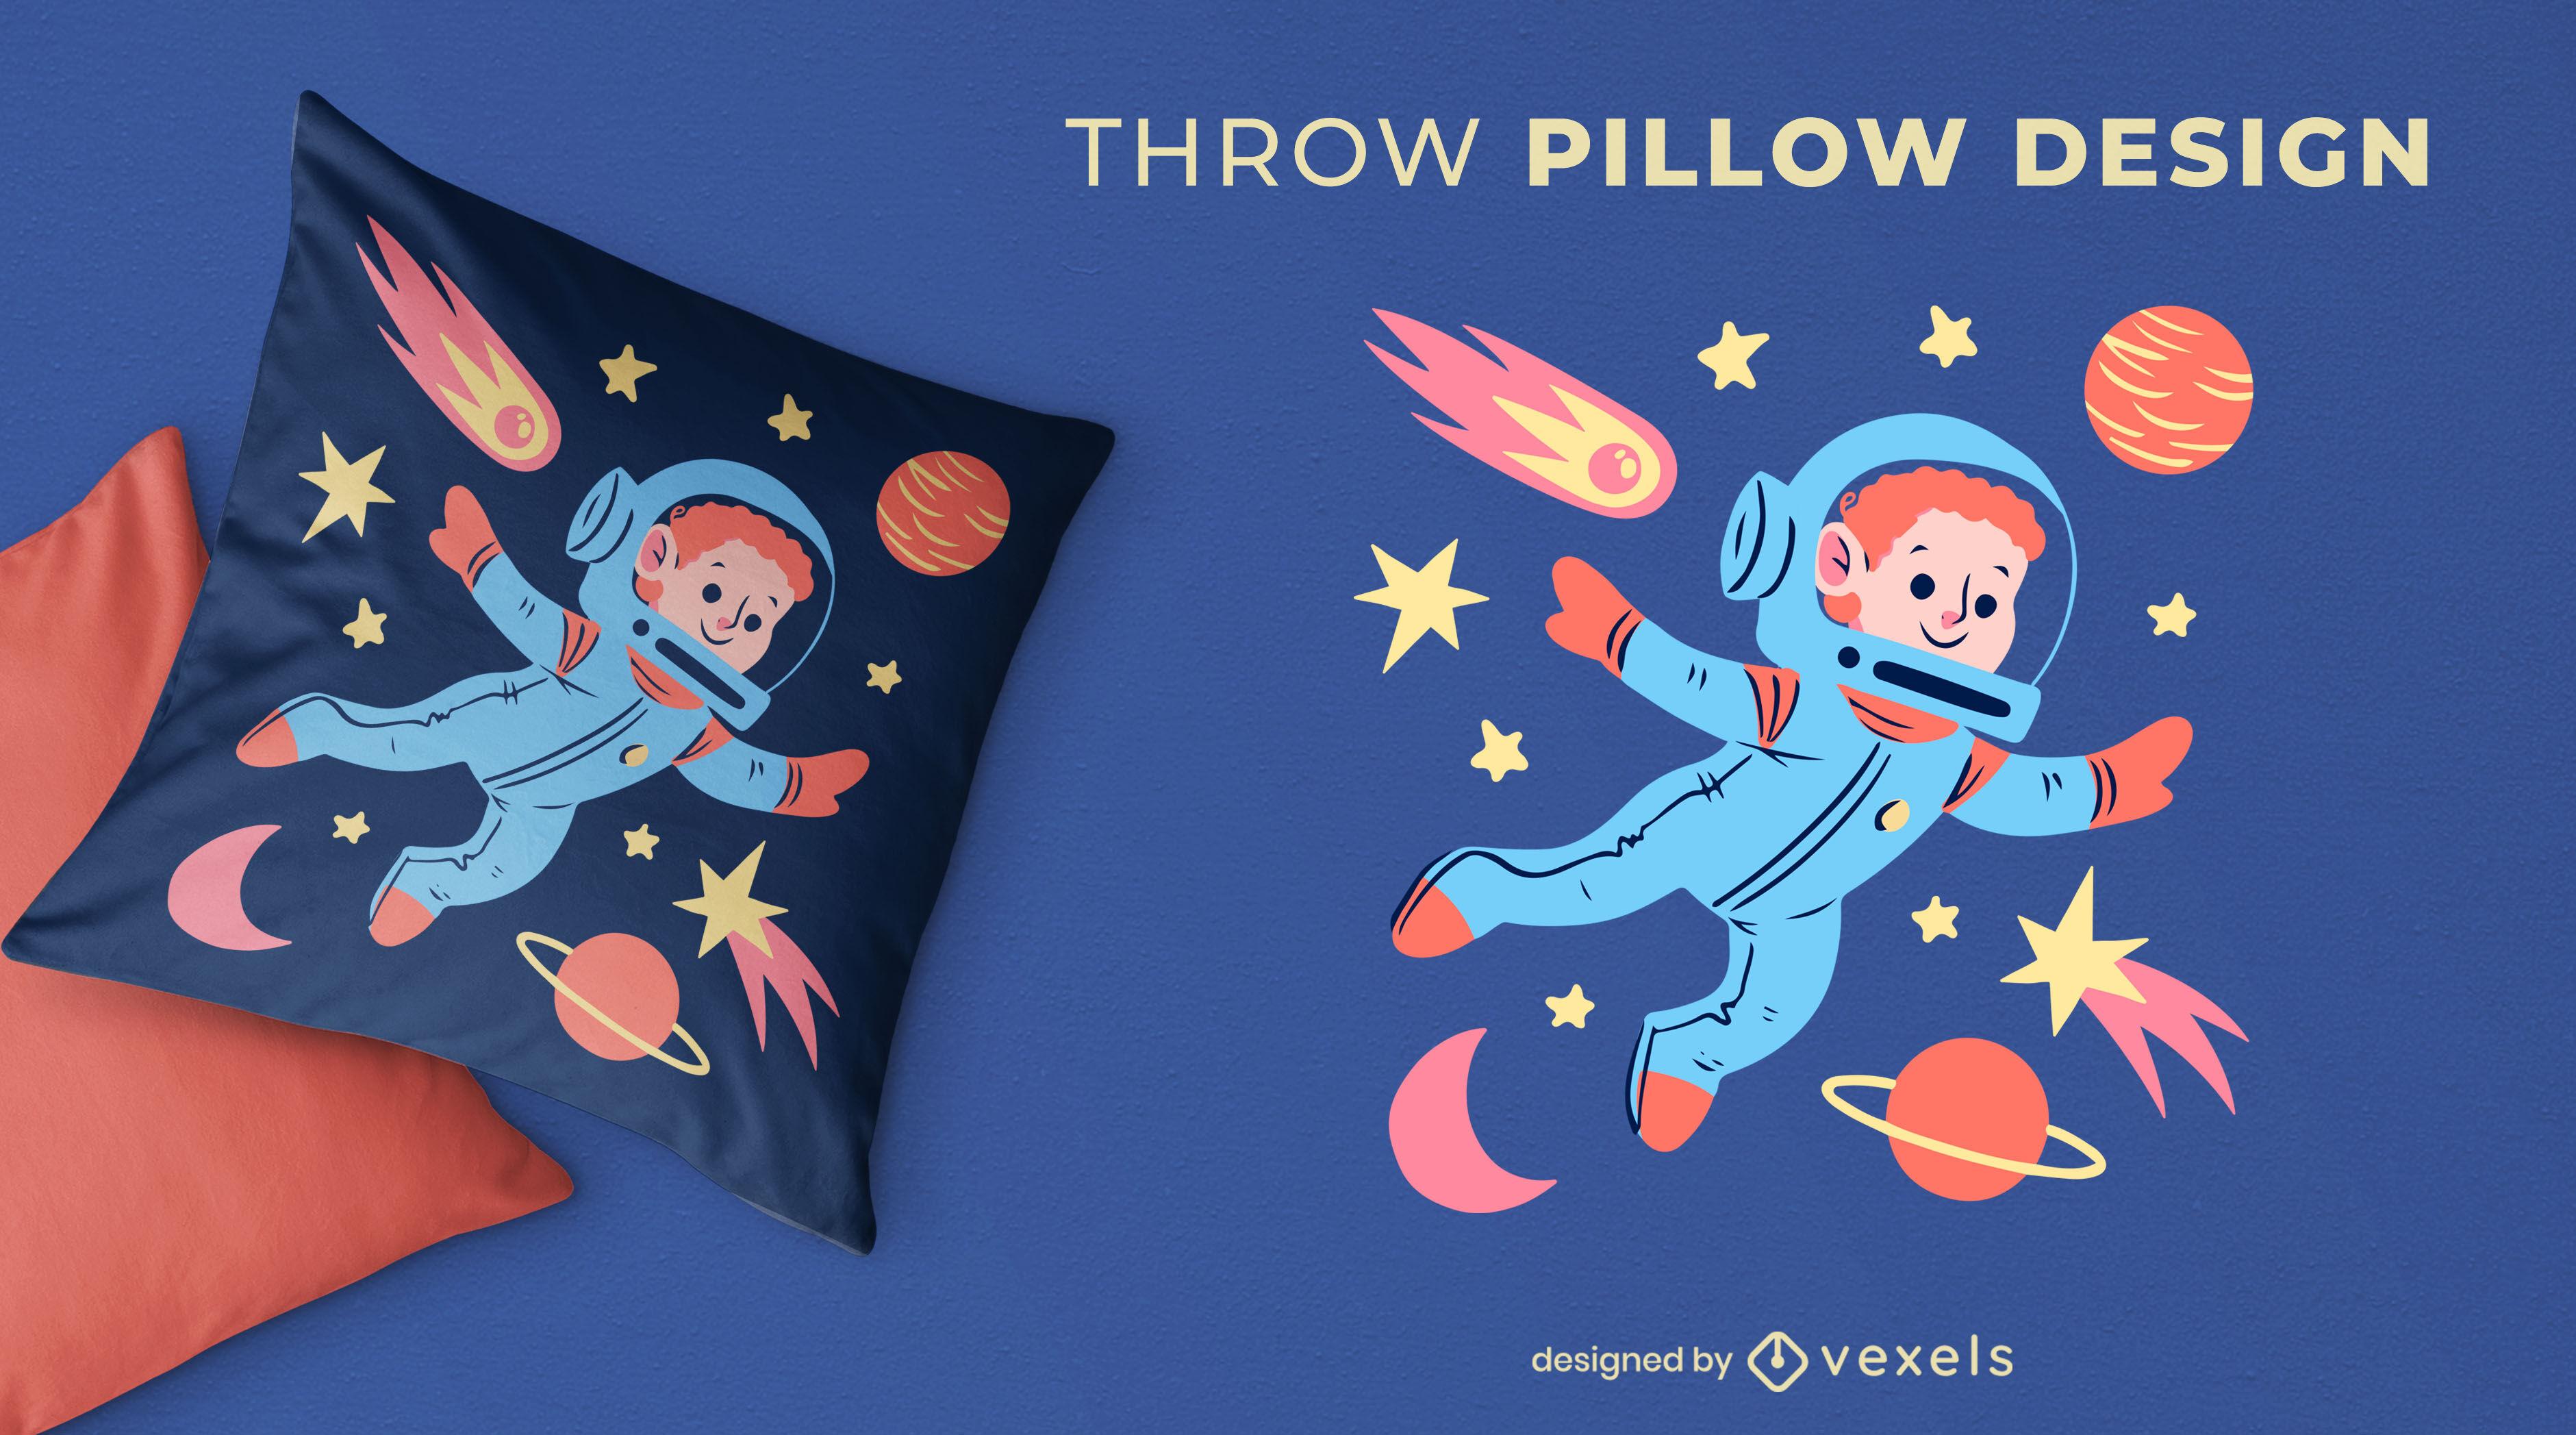 Kinder-Astronauten-Weltraum-Wurfkissen-Design